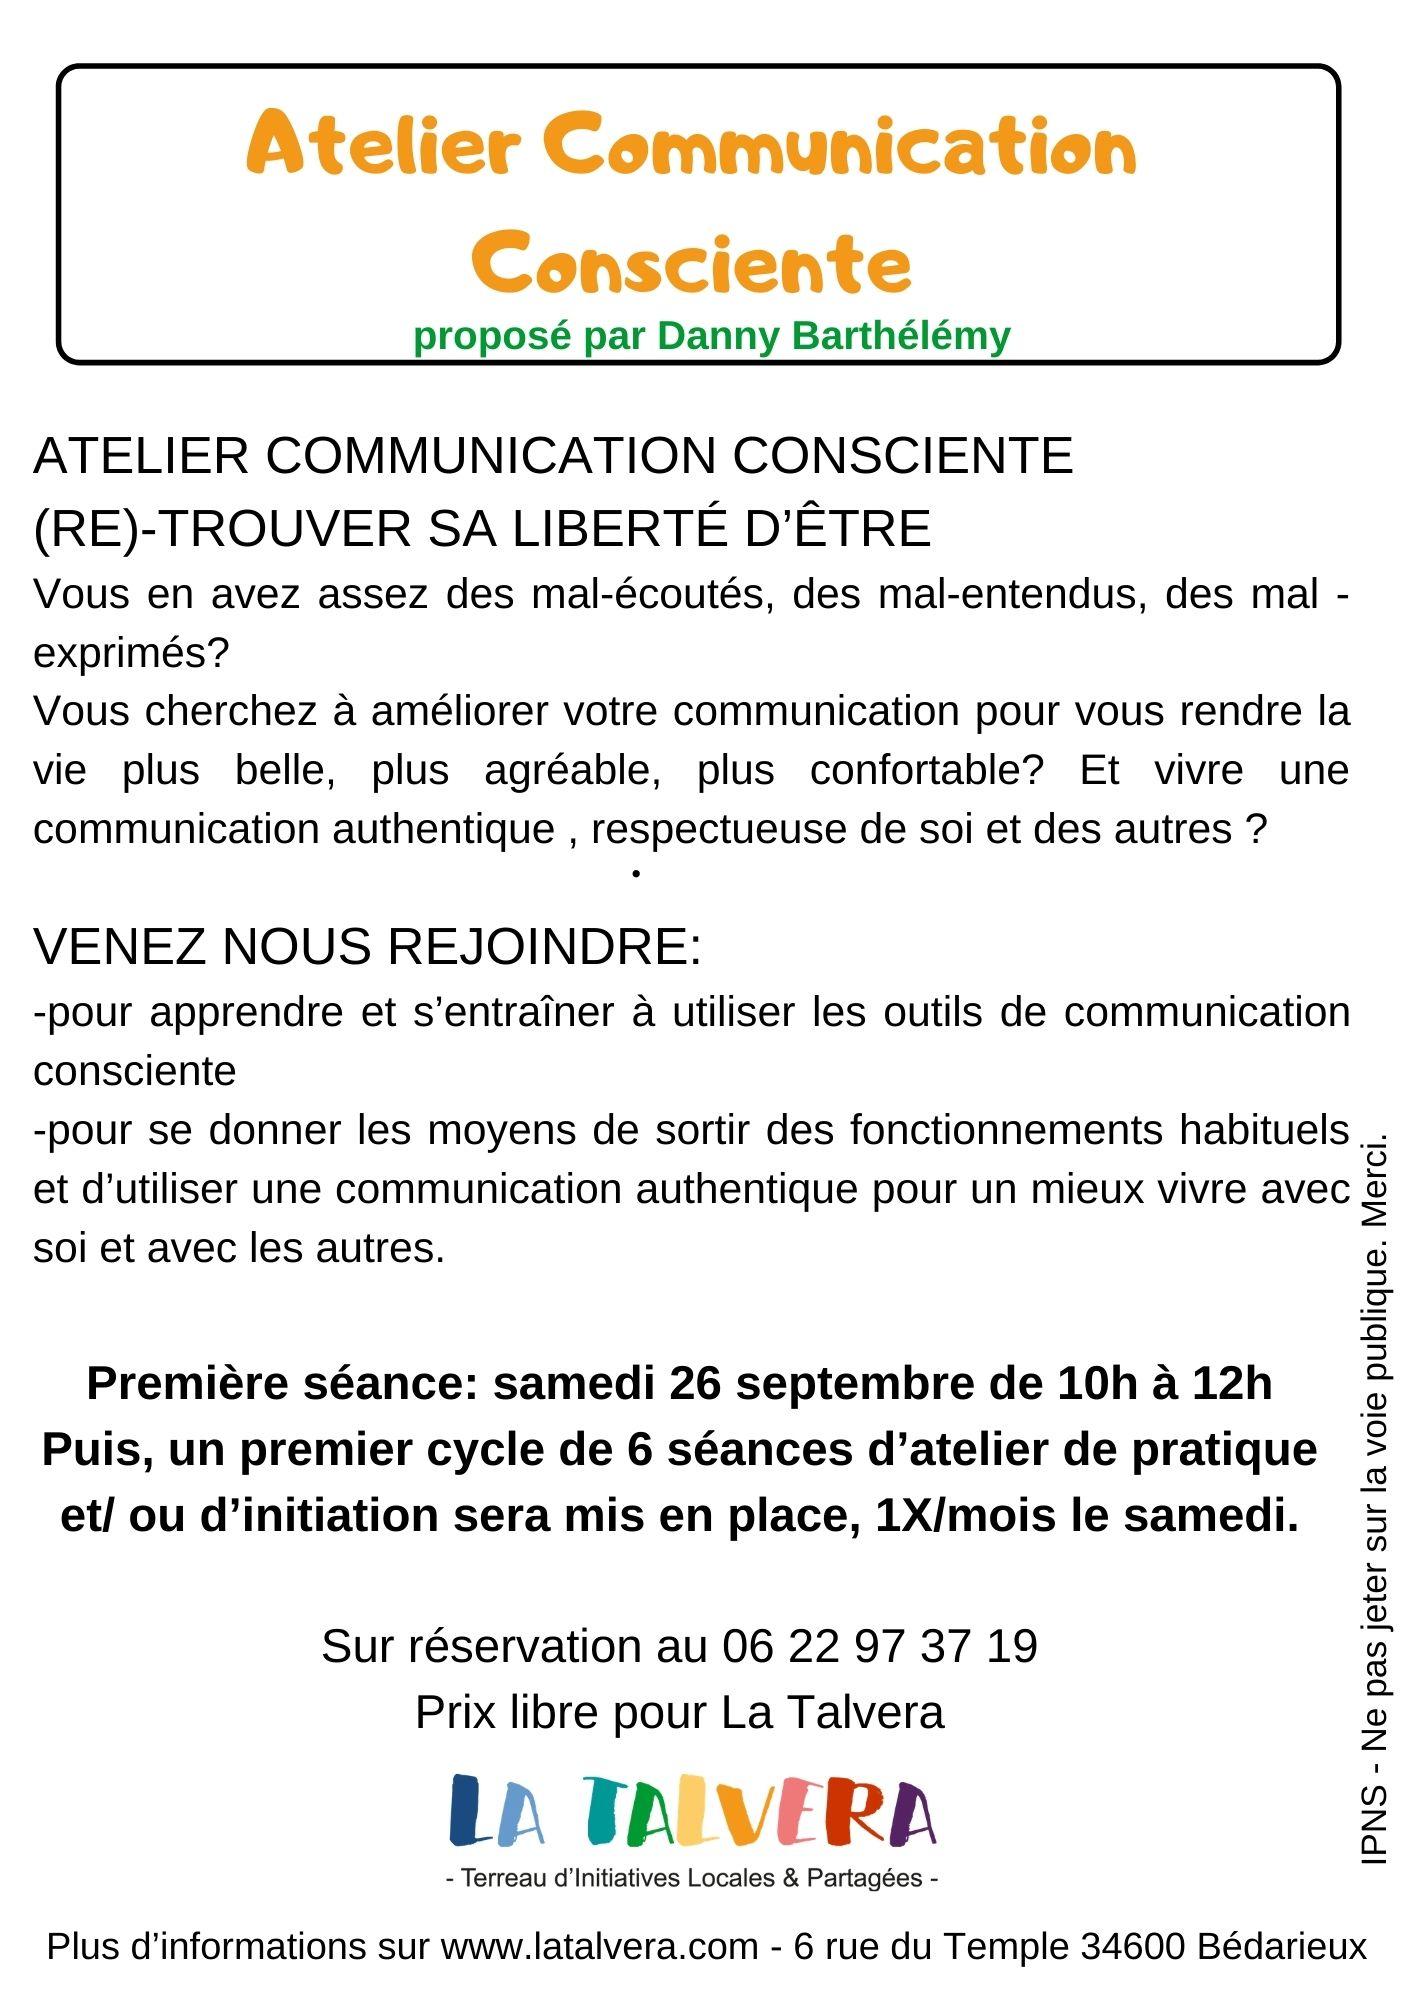 ATELIER DE COMMUNICATION CONSCIENTE